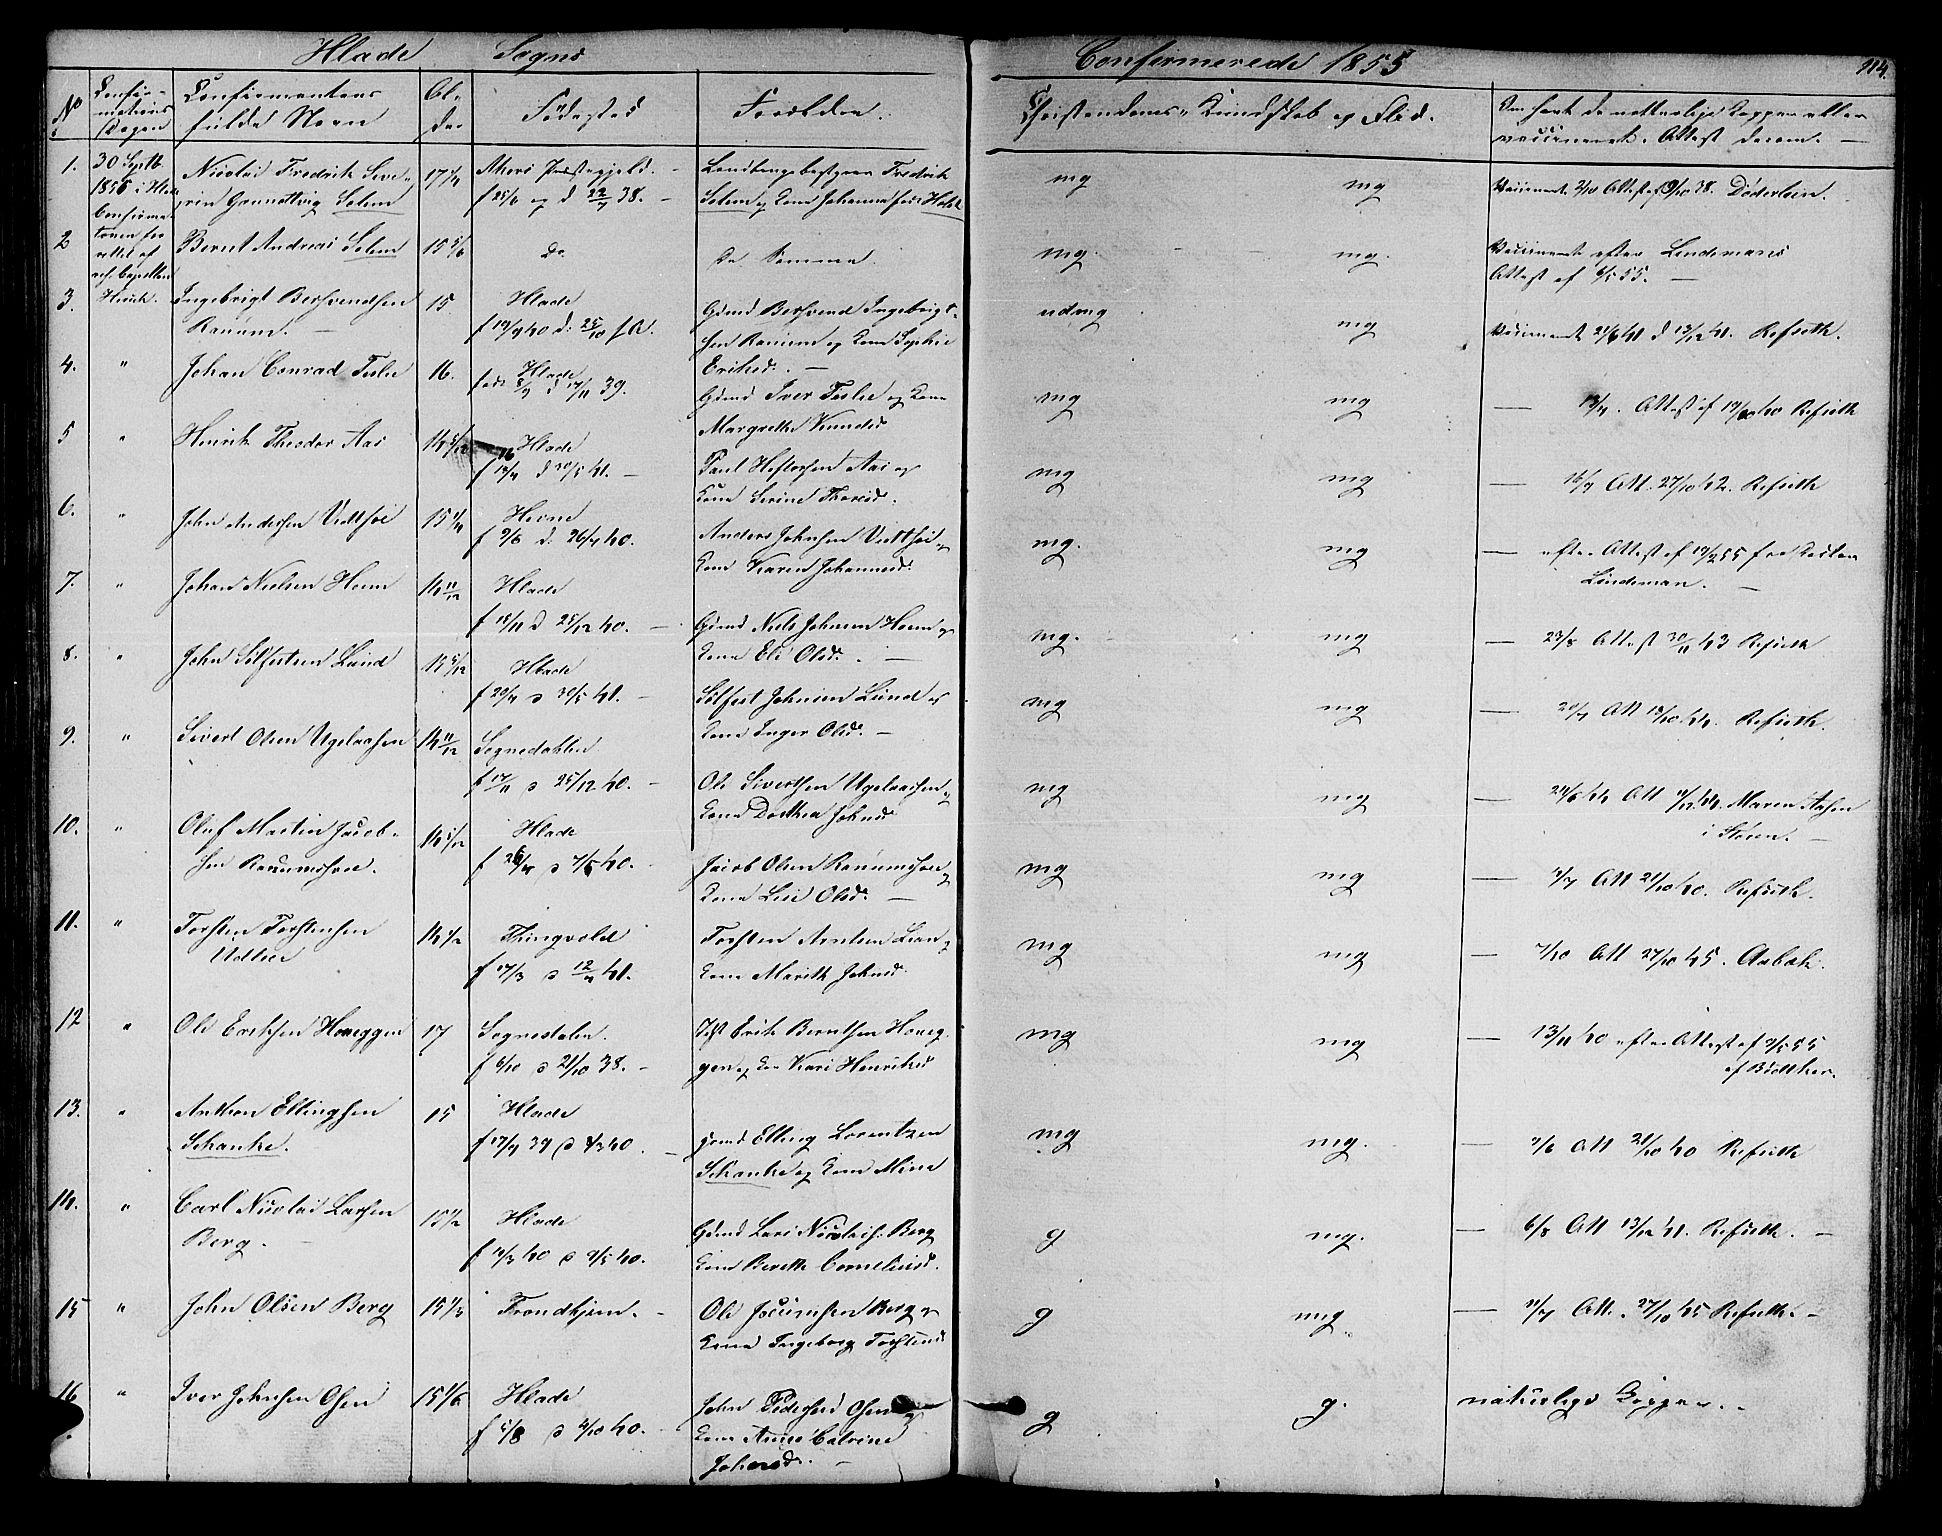 SAT, Ministerialprotokoller, klokkerbøker og fødselsregistre - Sør-Trøndelag, 606/L0310: Klokkerbok nr. 606C06, 1850-1859, s. 114